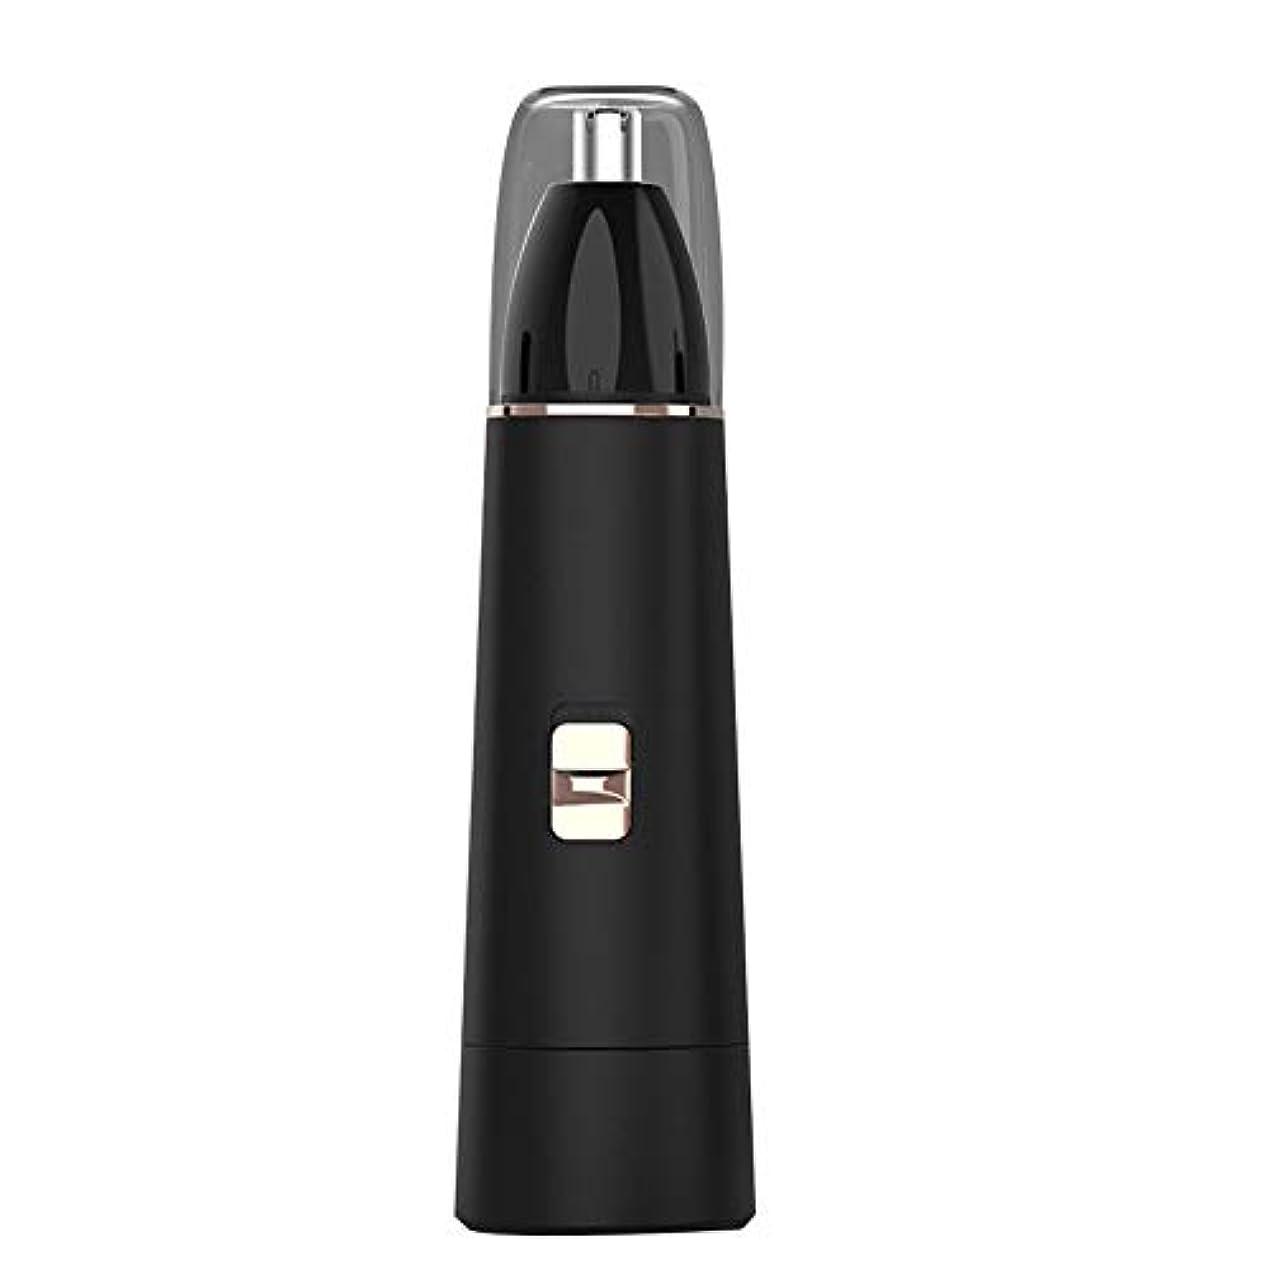 ムスタチオ労働者マダム鼻毛トリマー-USB充電式電動鼻毛トリマー/ABS素材/多機能 お手入れが簡単